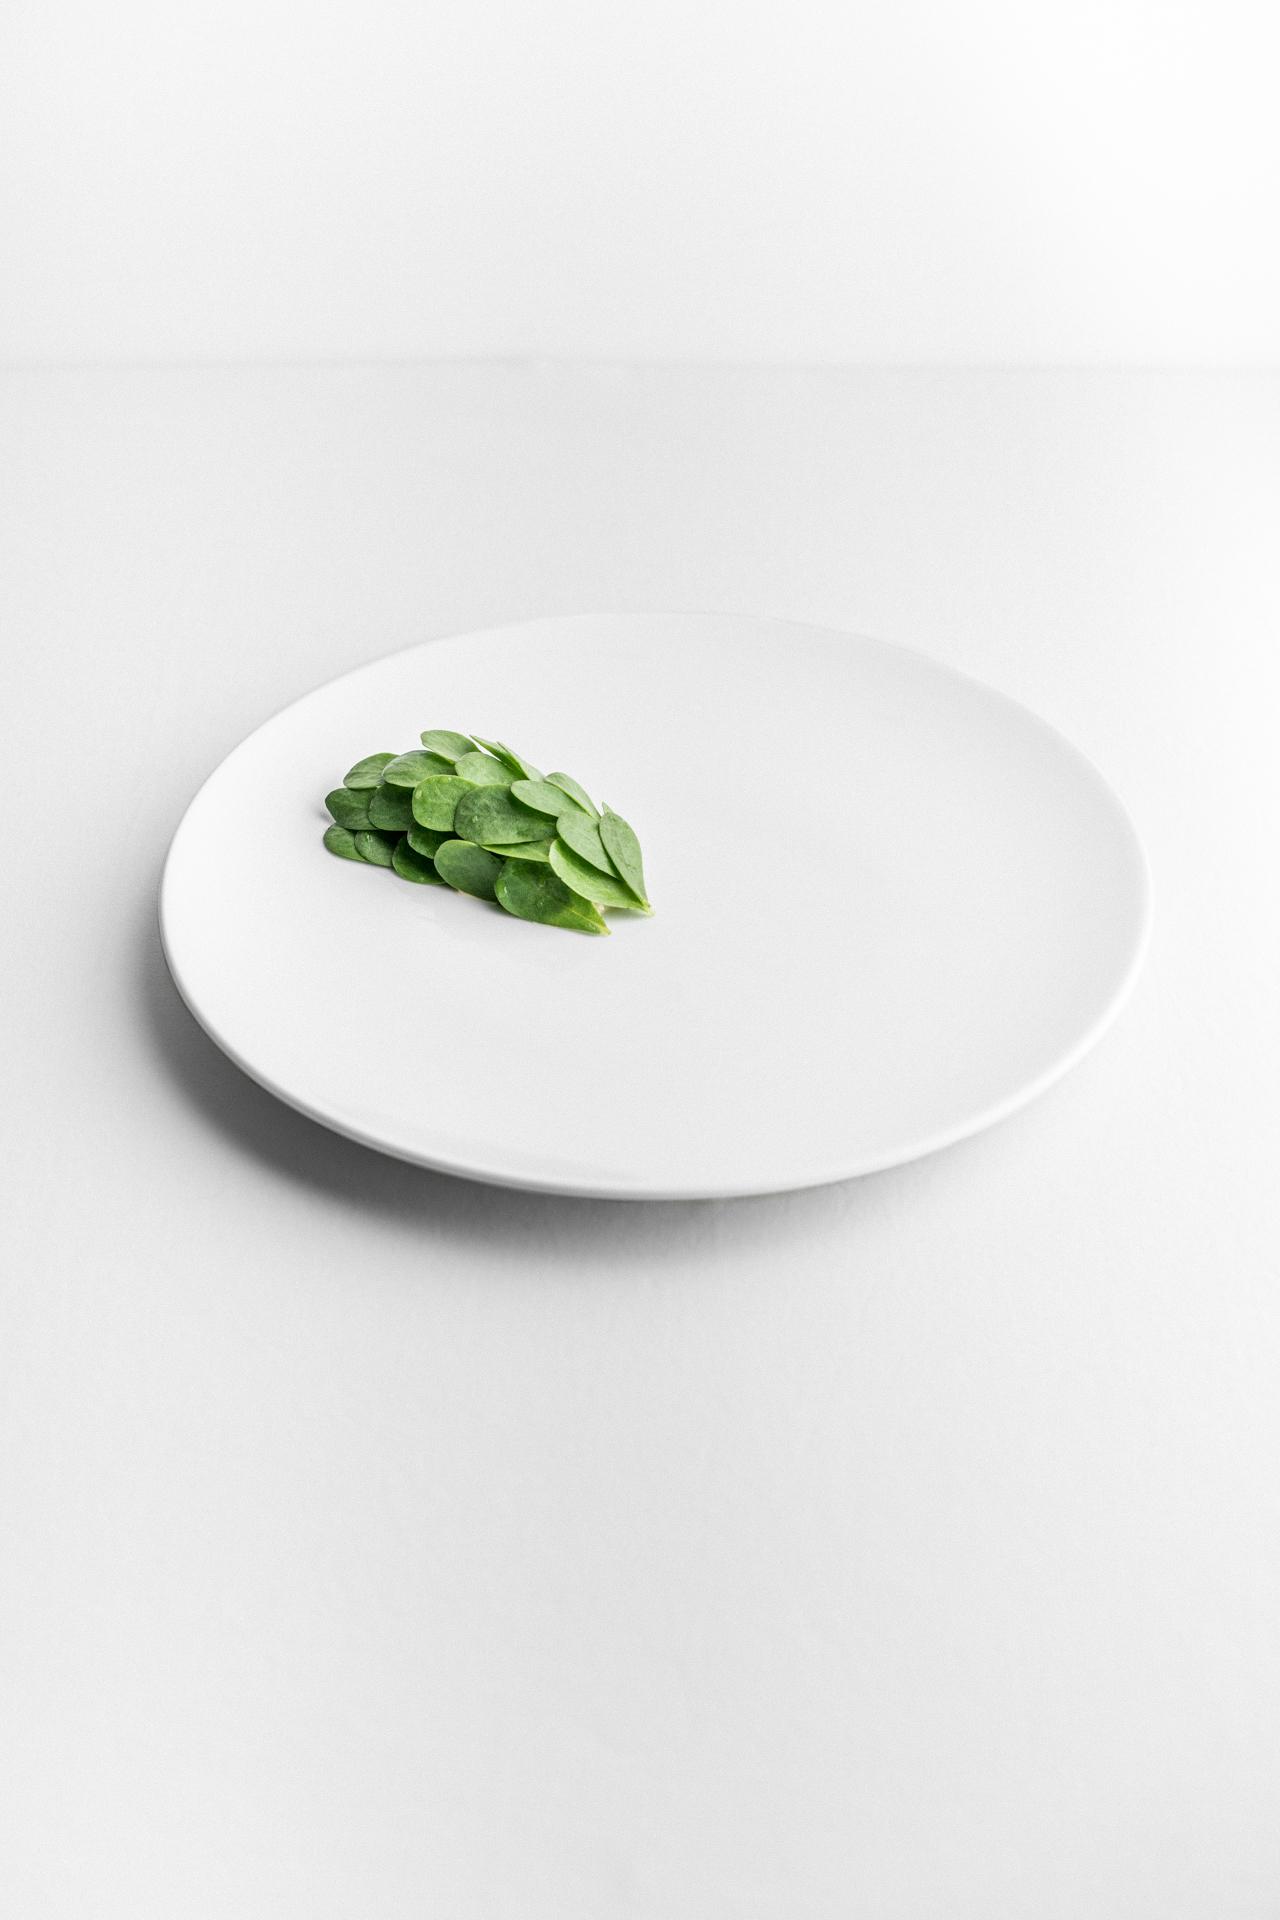 Insalata di granchio e portulaca di Luca Bizzarri, infoodfamily, foto di Matteo Bizzarri